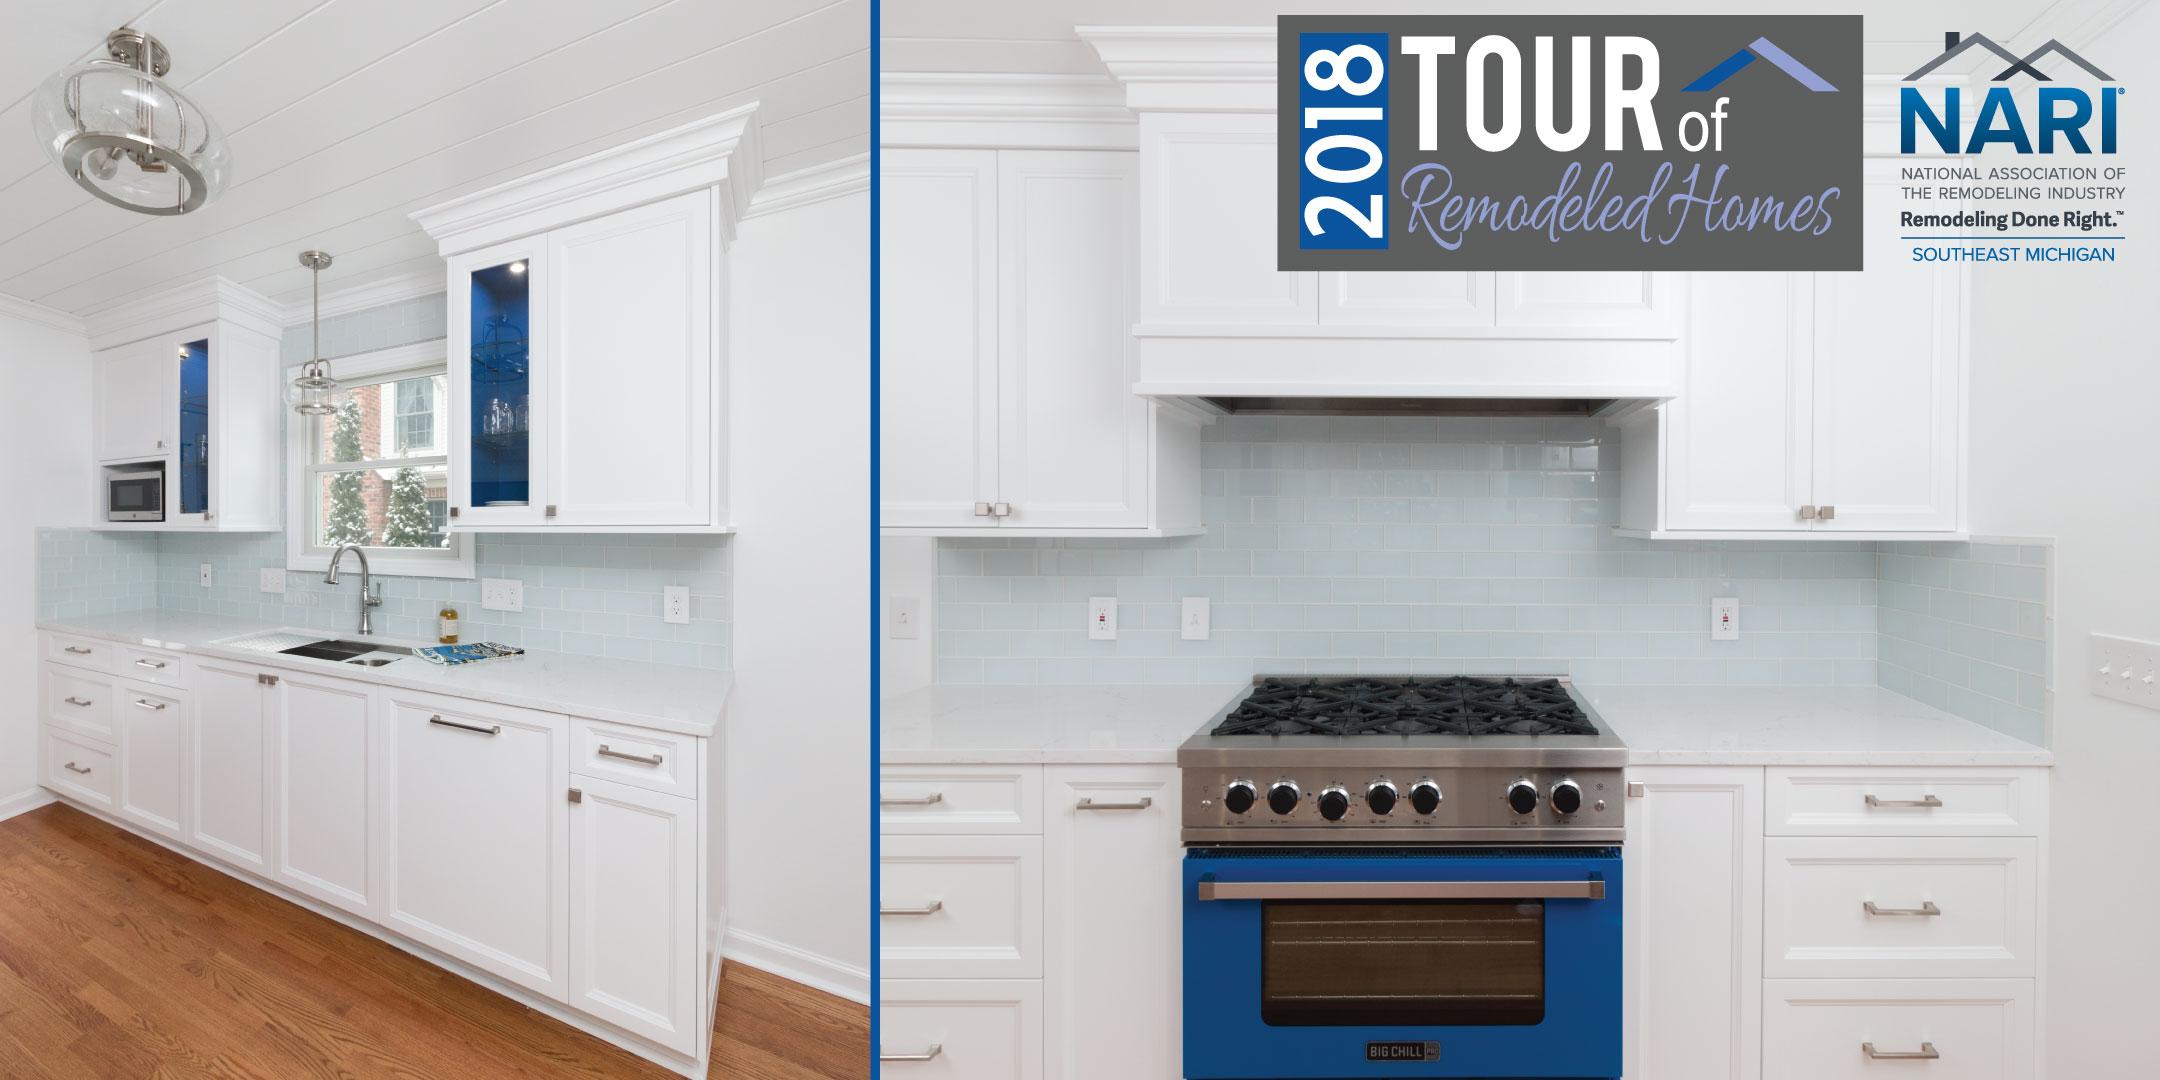 2018 Tour of Remodeled Homes - GreeningDetroit.com